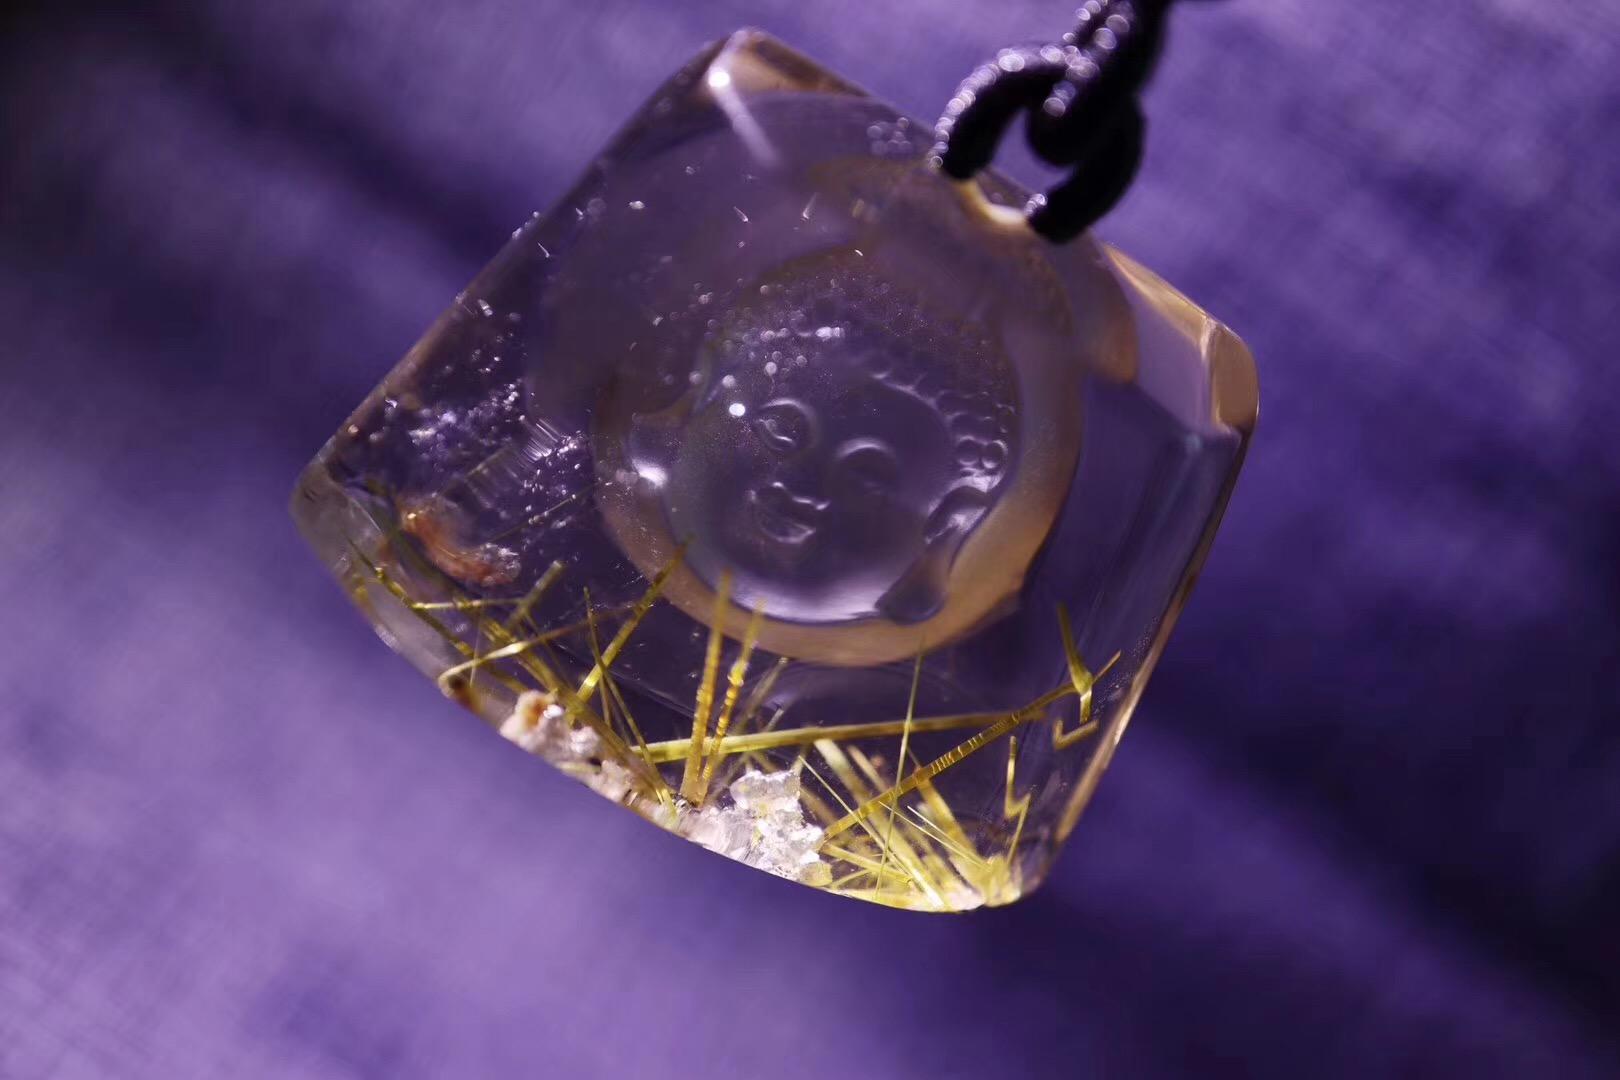 【菩心-钛晶】一枚钛晶宝宝佛,守护初心-菩心晶舍